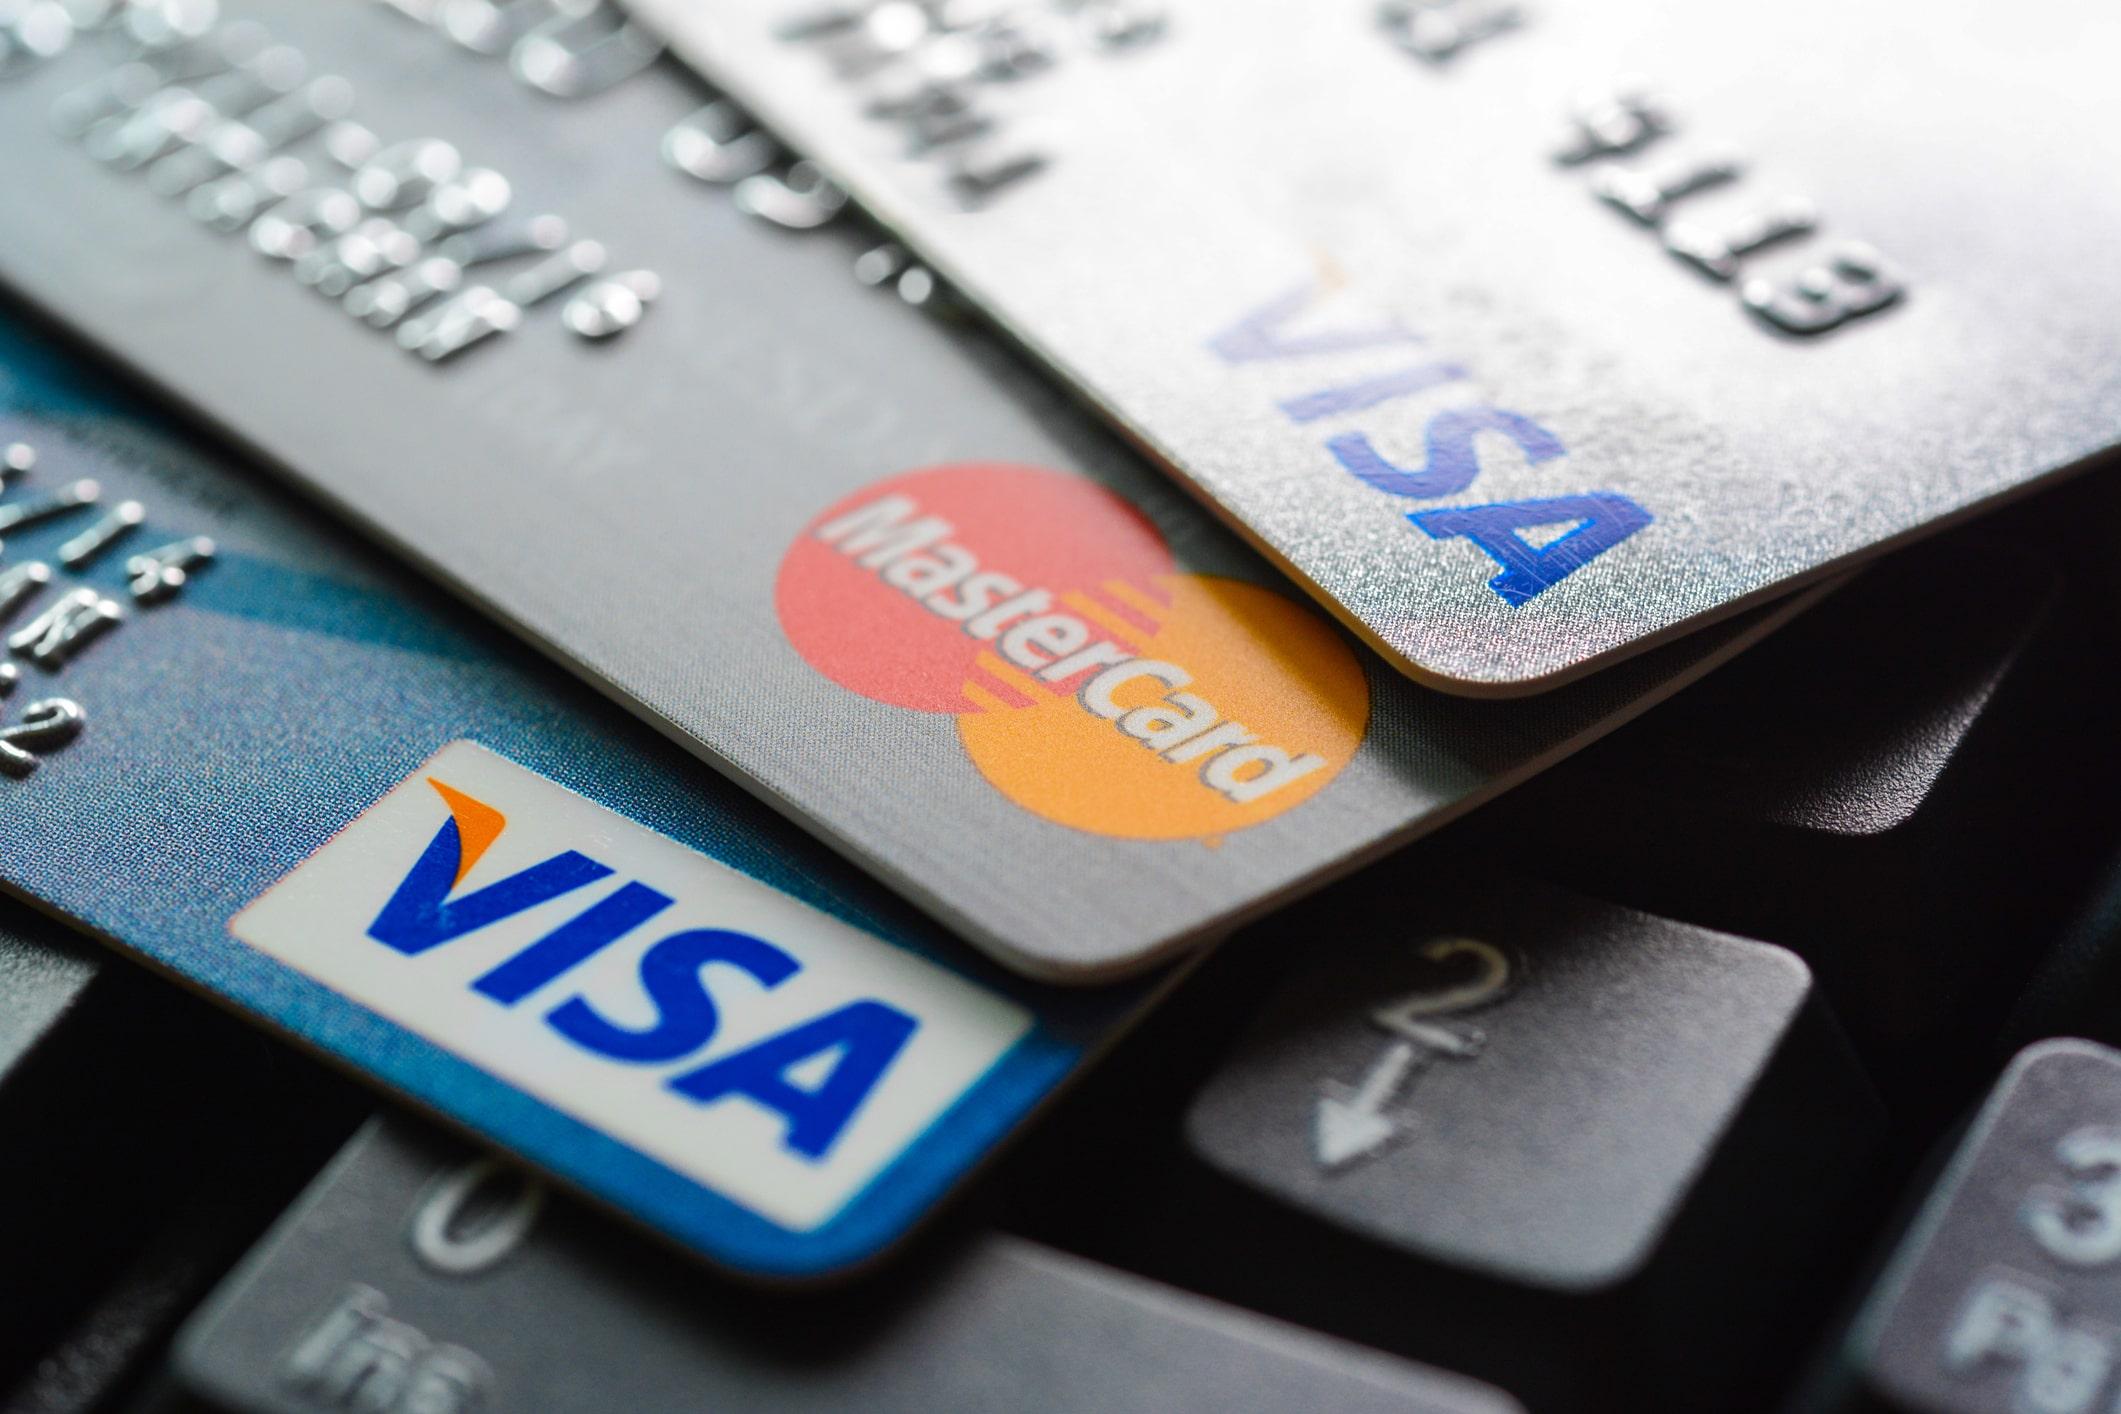 Vad är skillnaden på kreditkort, betalkort och bankkort?